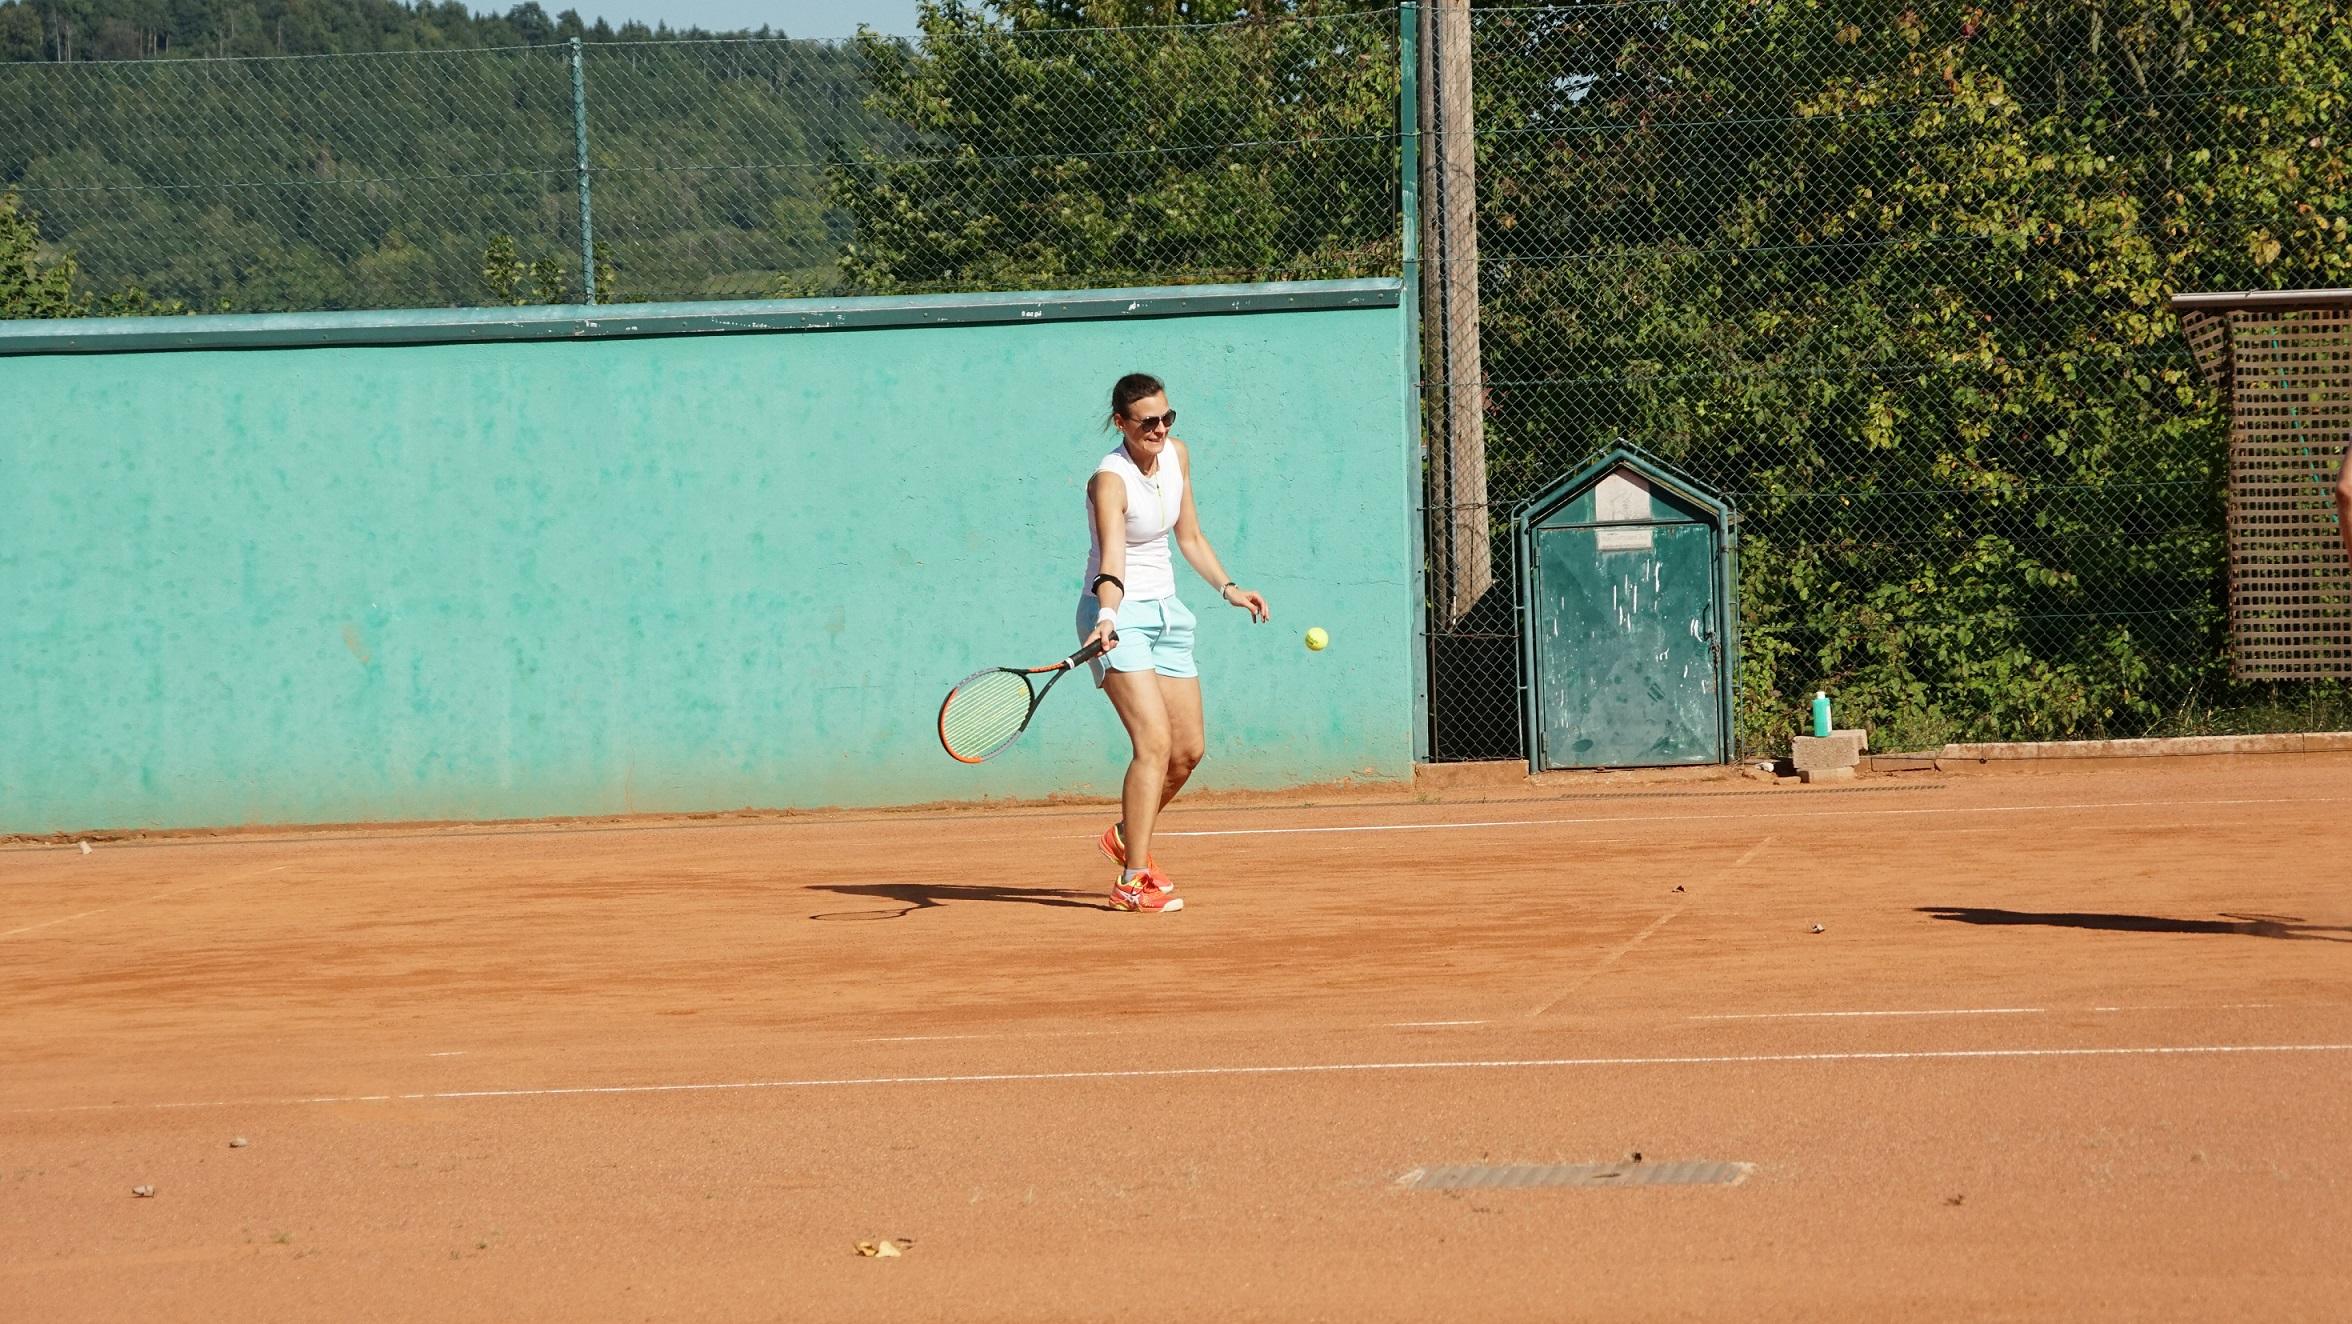 Interne Doppelmeisterschaften bei Kaiserwetter tennis doppel karlstetten 2021 2